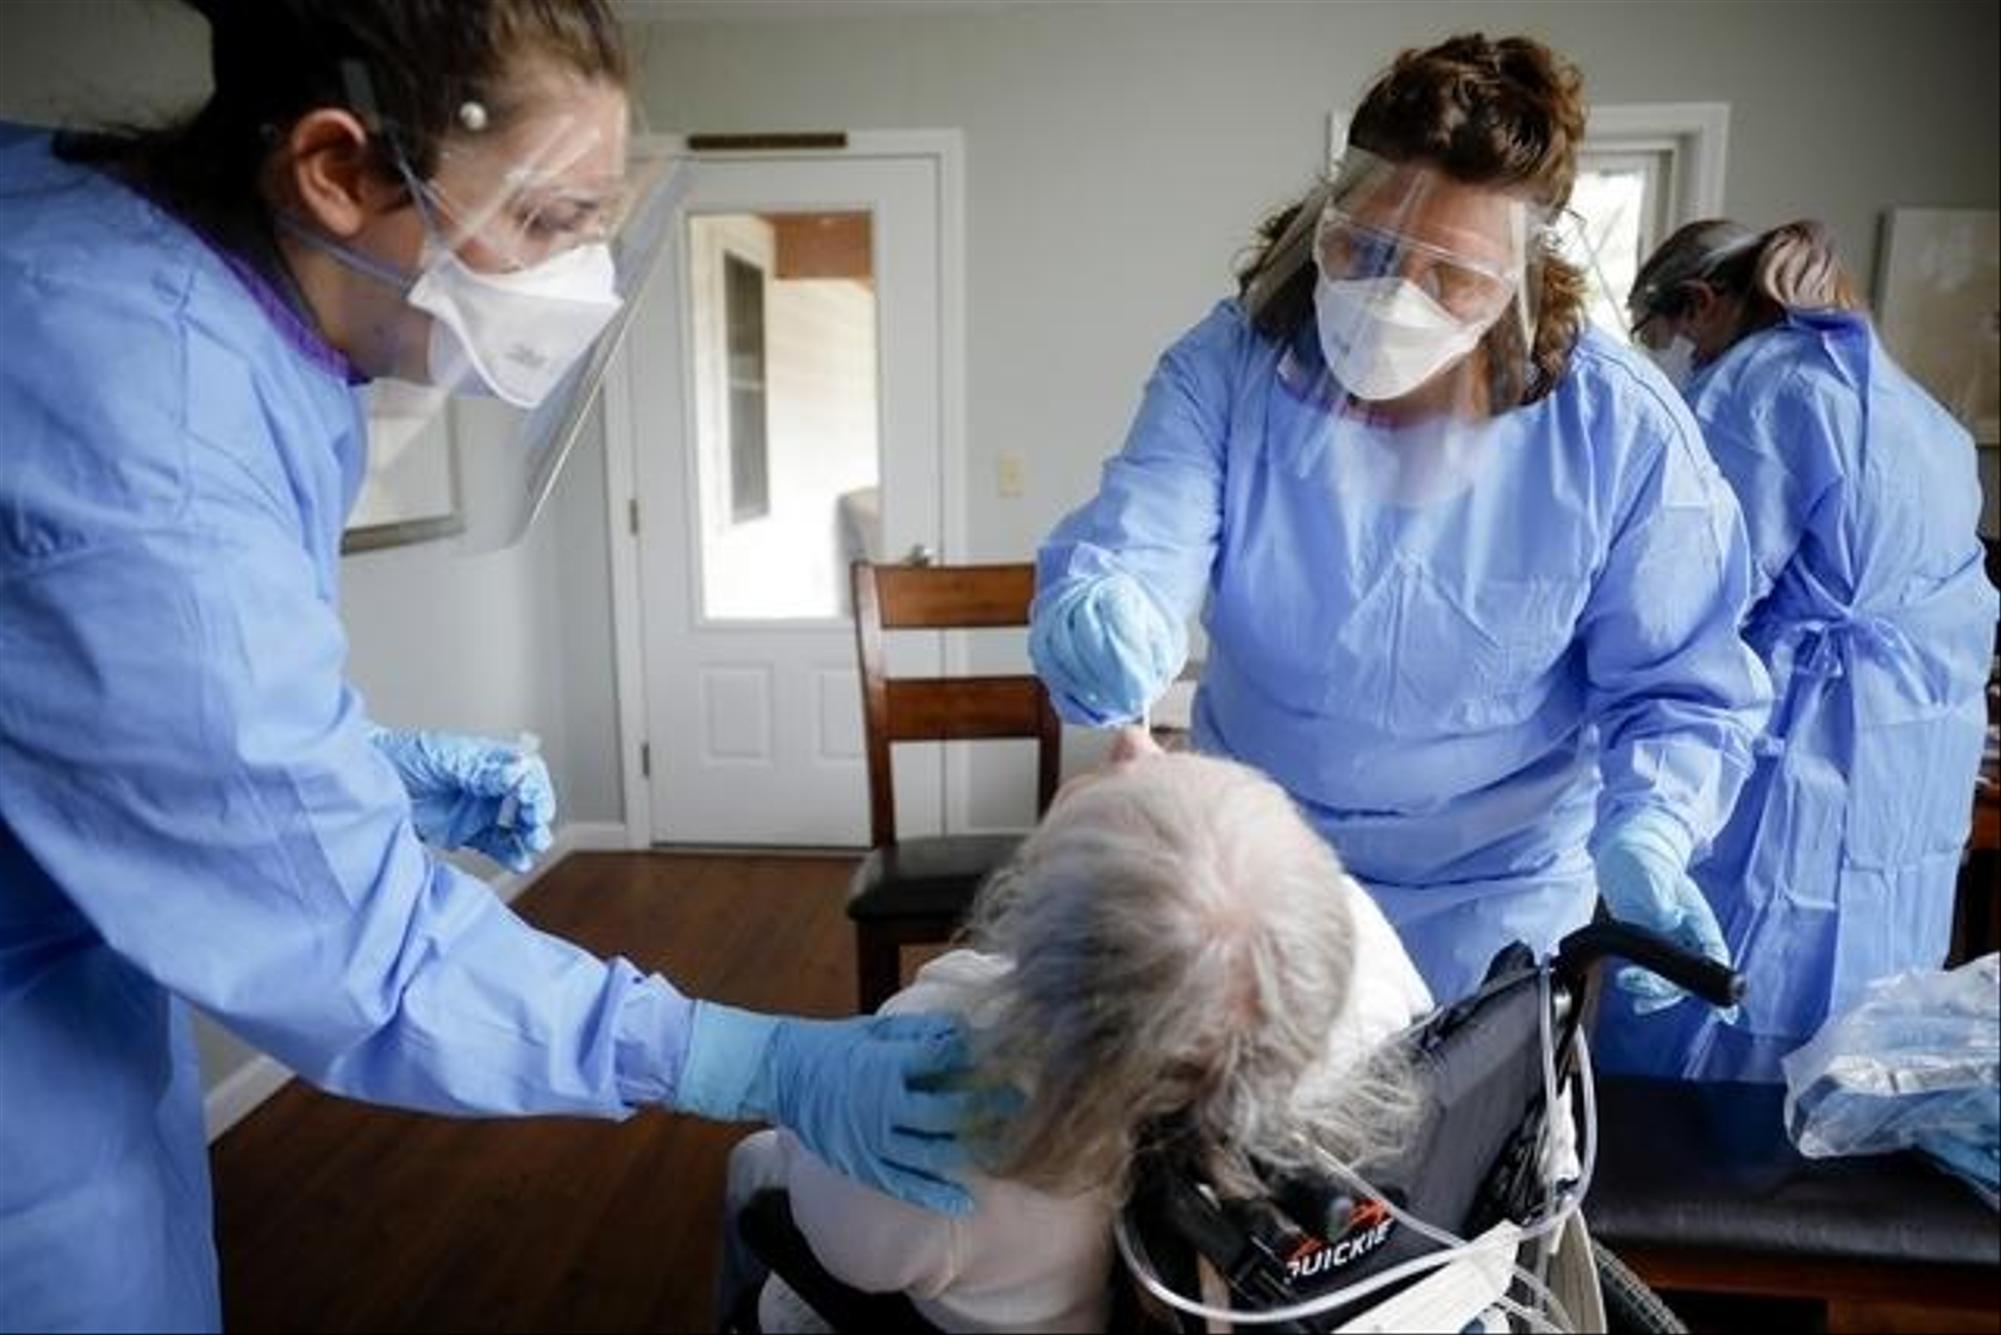 Covid-19: Suíça regista novo recorde com 6.634 novos casos em 24 horas